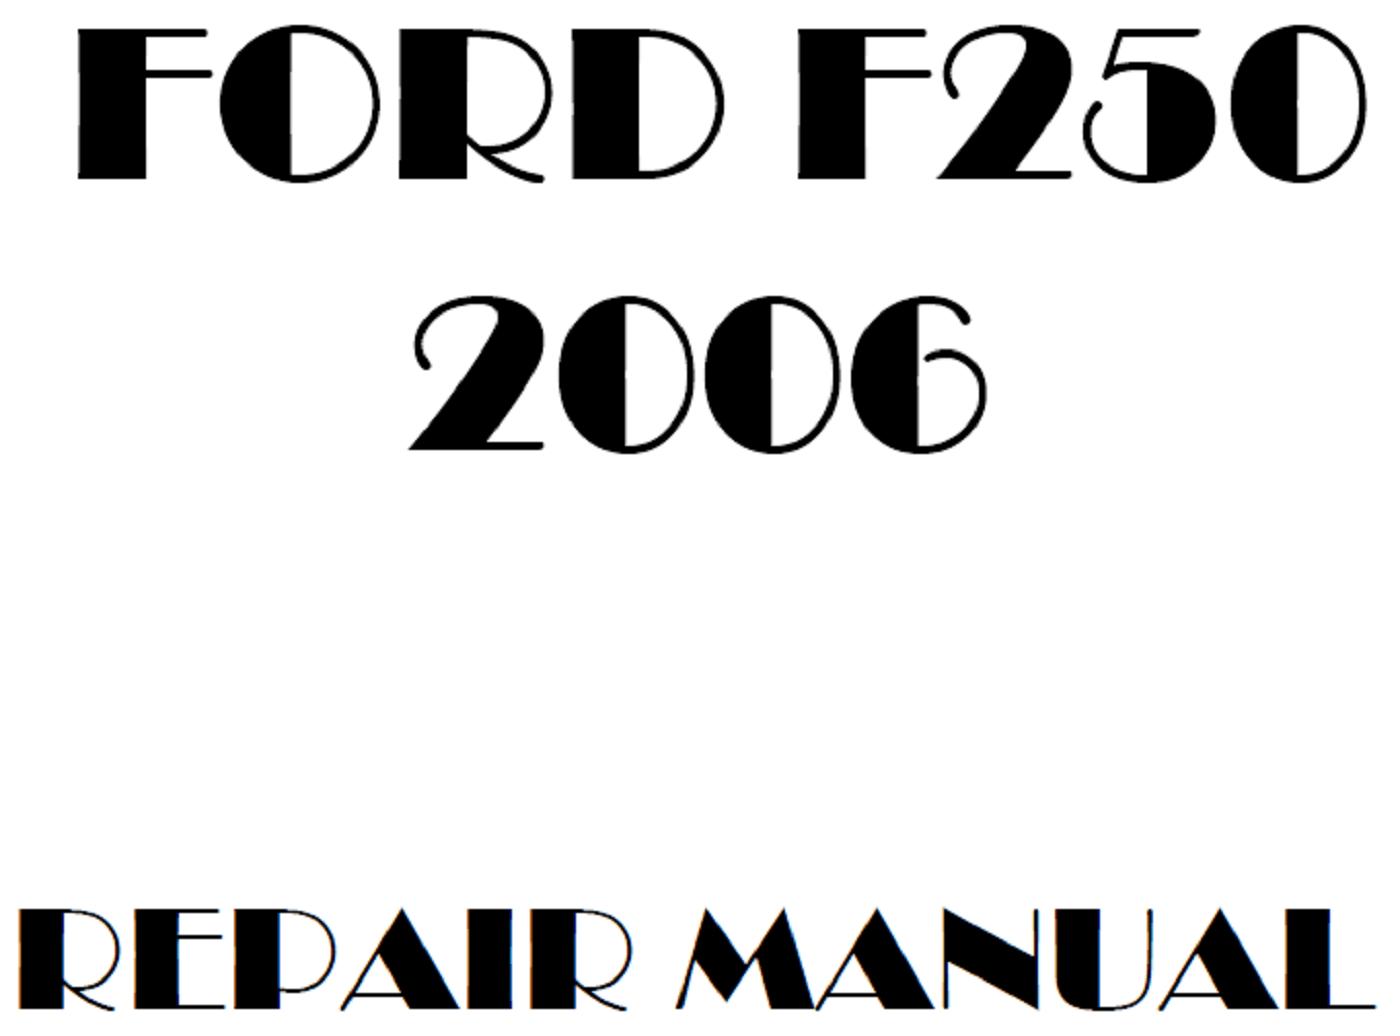 2006 Ford F250 F350 F450 F550 repair manual